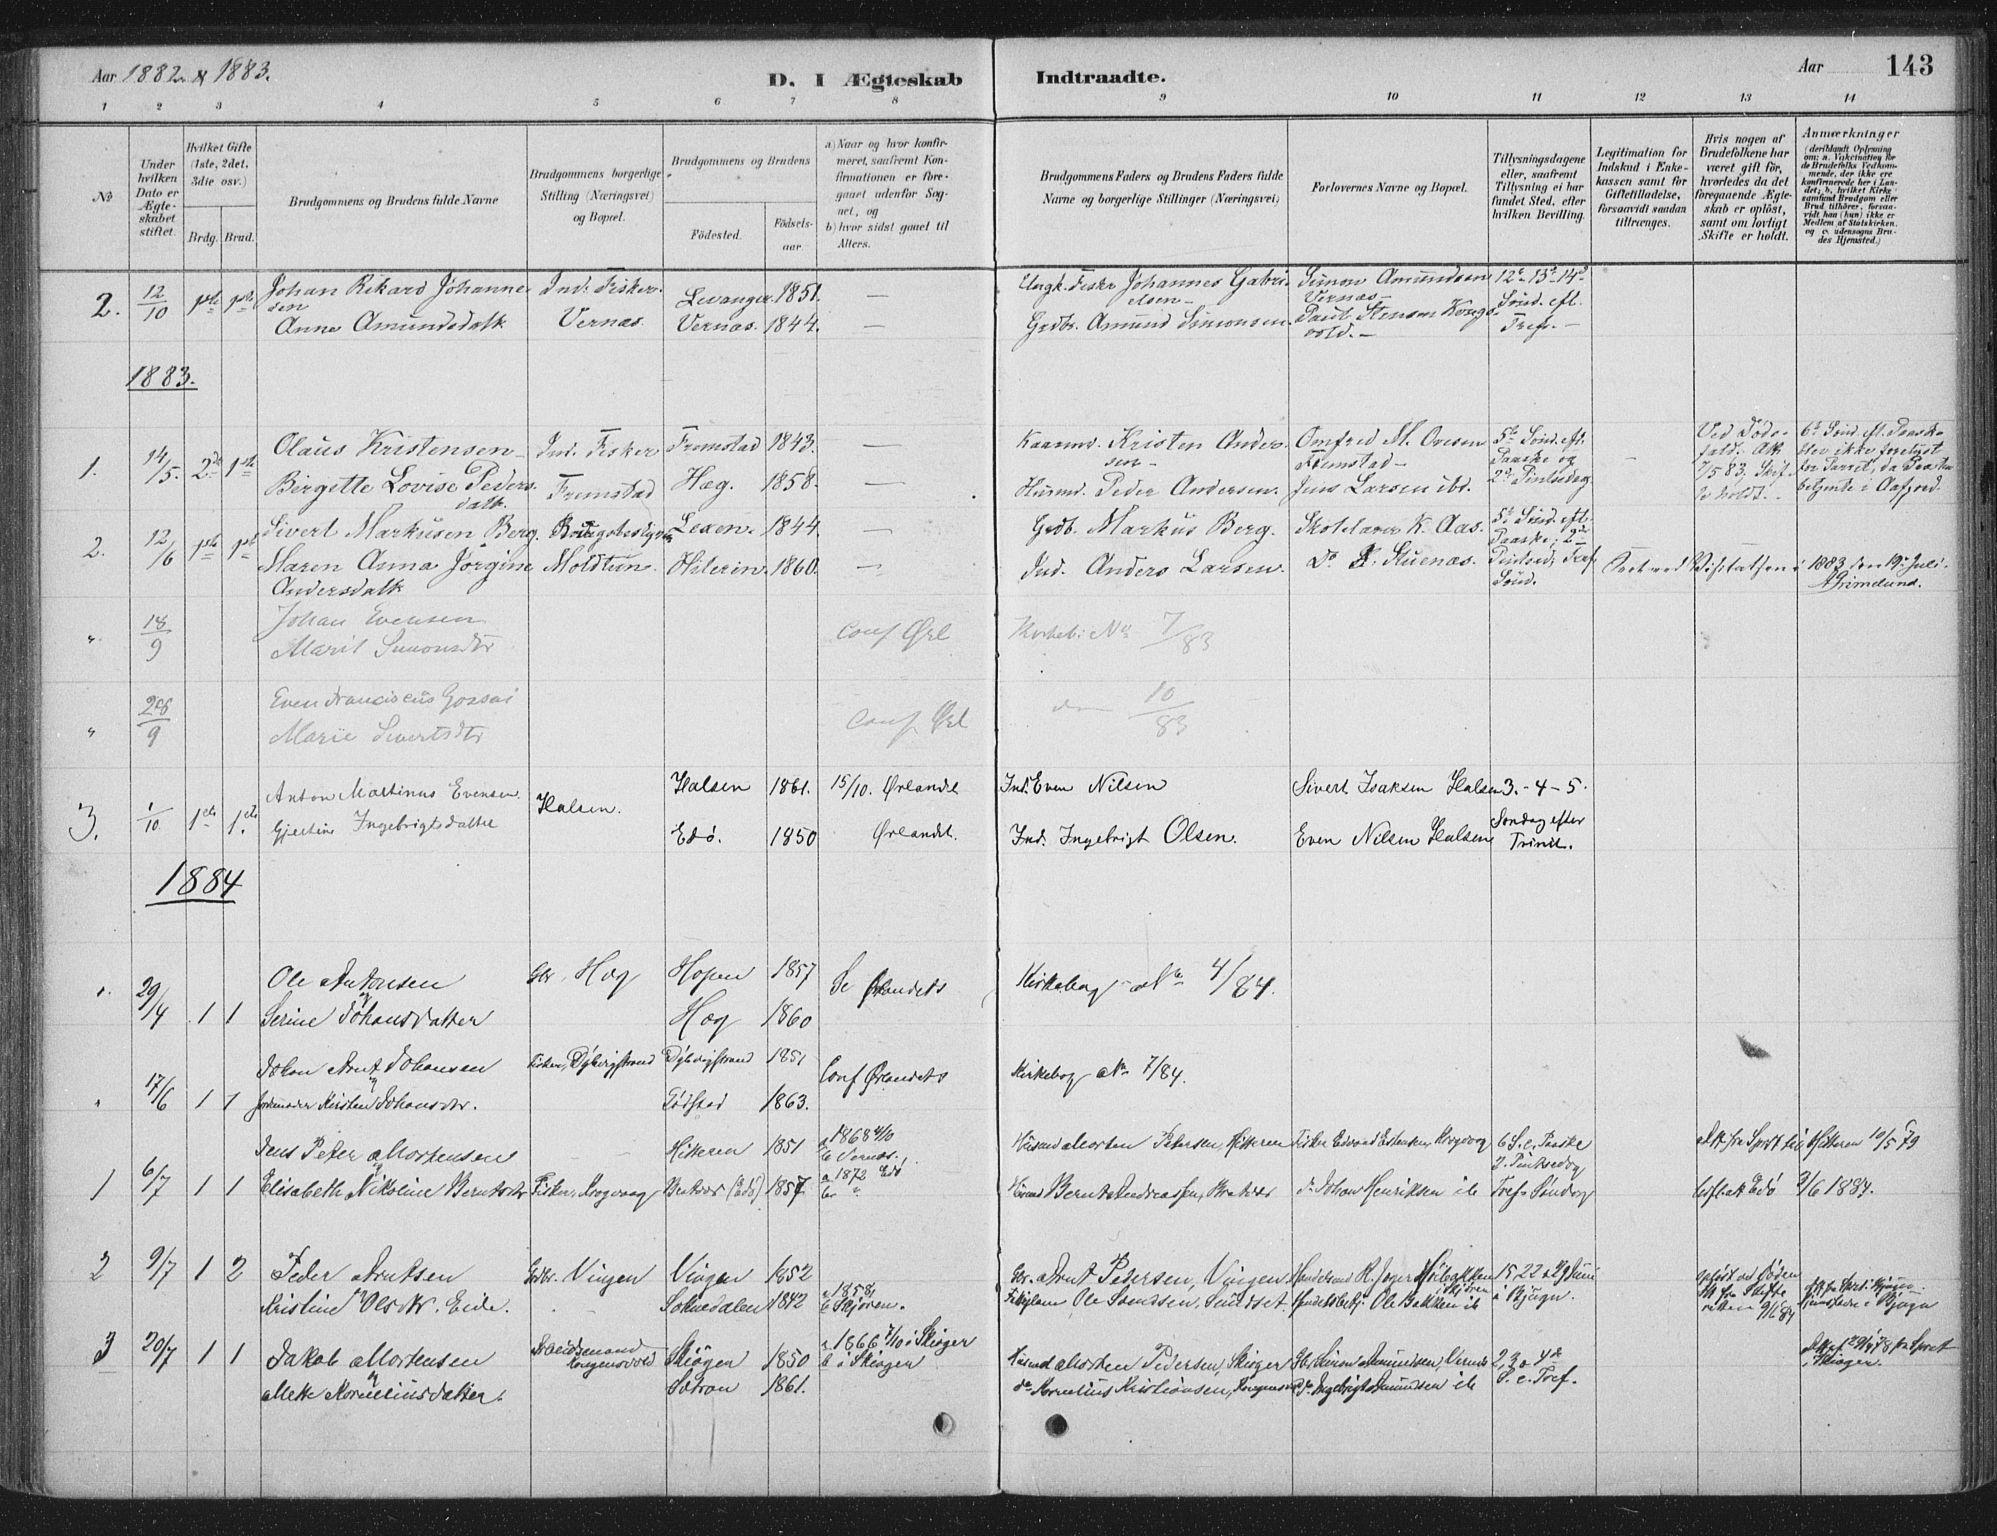 SAT, Ministerialprotokoller, klokkerbøker og fødselsregistre - Sør-Trøndelag, 662/L0755: Ministerialbok nr. 662A01, 1879-1905, s. 143